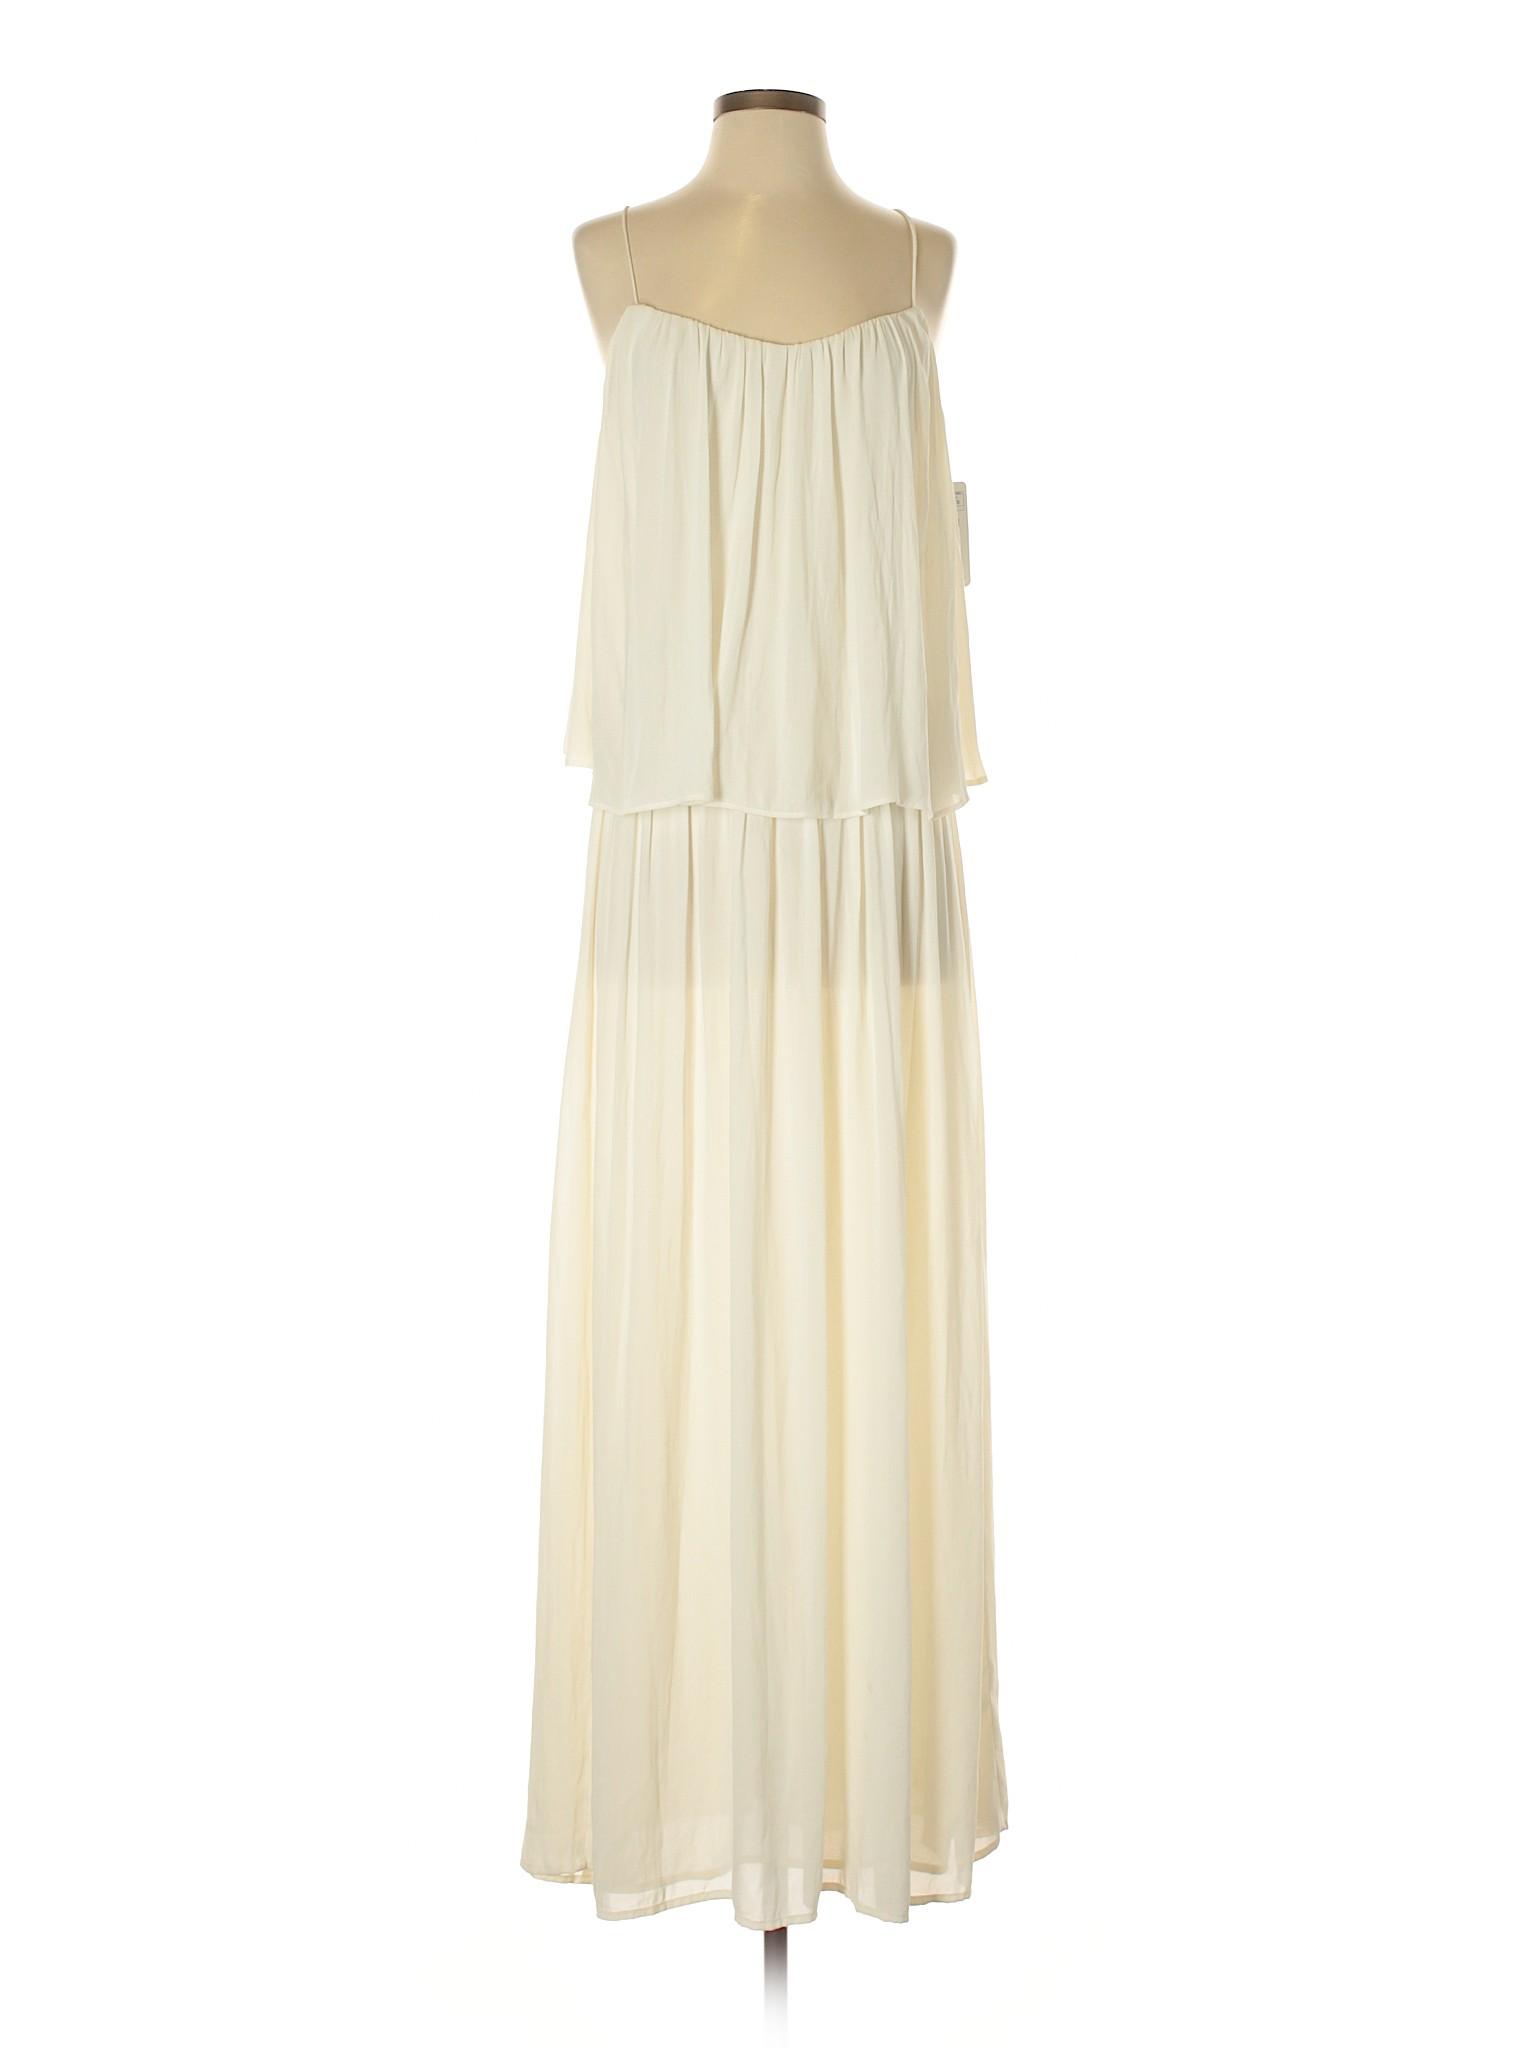 Boutique winter Dress Casual Basic Zara zznwWxa1r